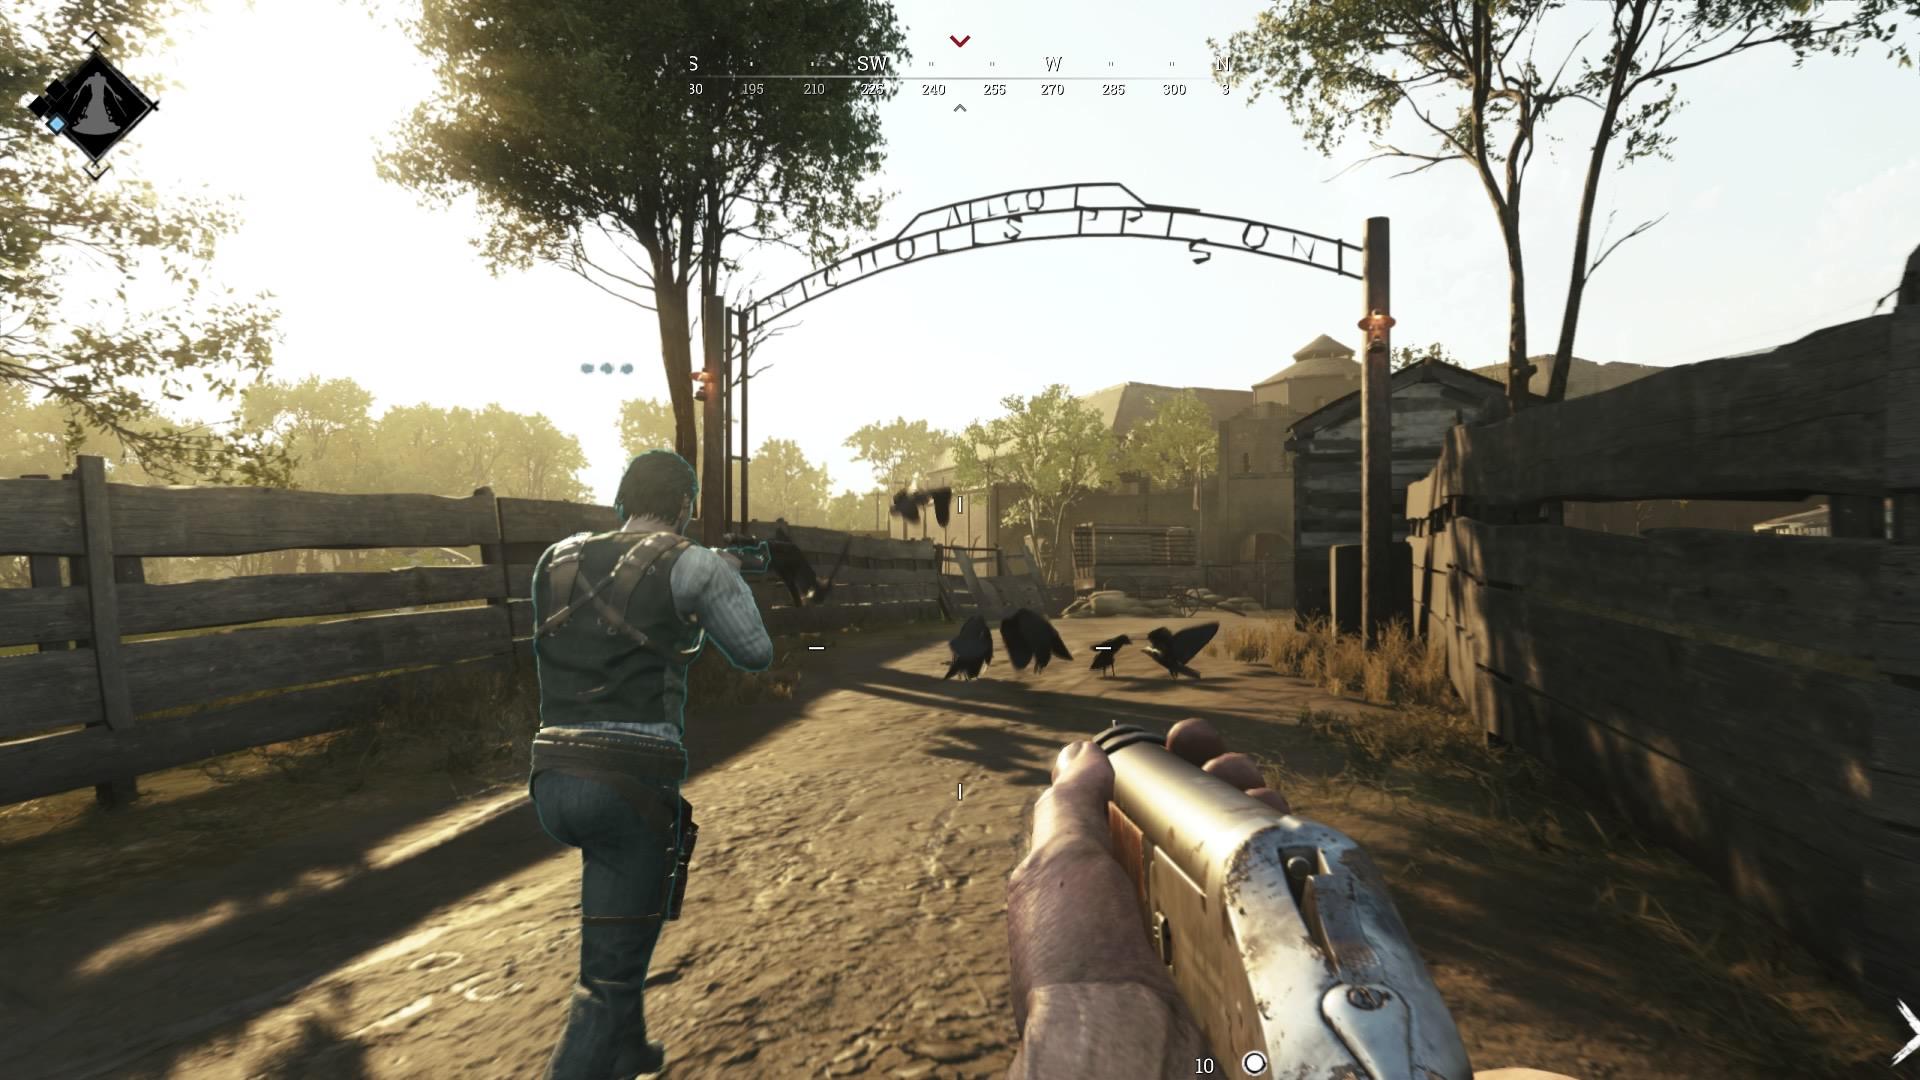 Llevamos varios días jugando a Hunt: Showdown en PS4. Es sorprendente que el juego haya pasado por mi nariz porque es único. 6